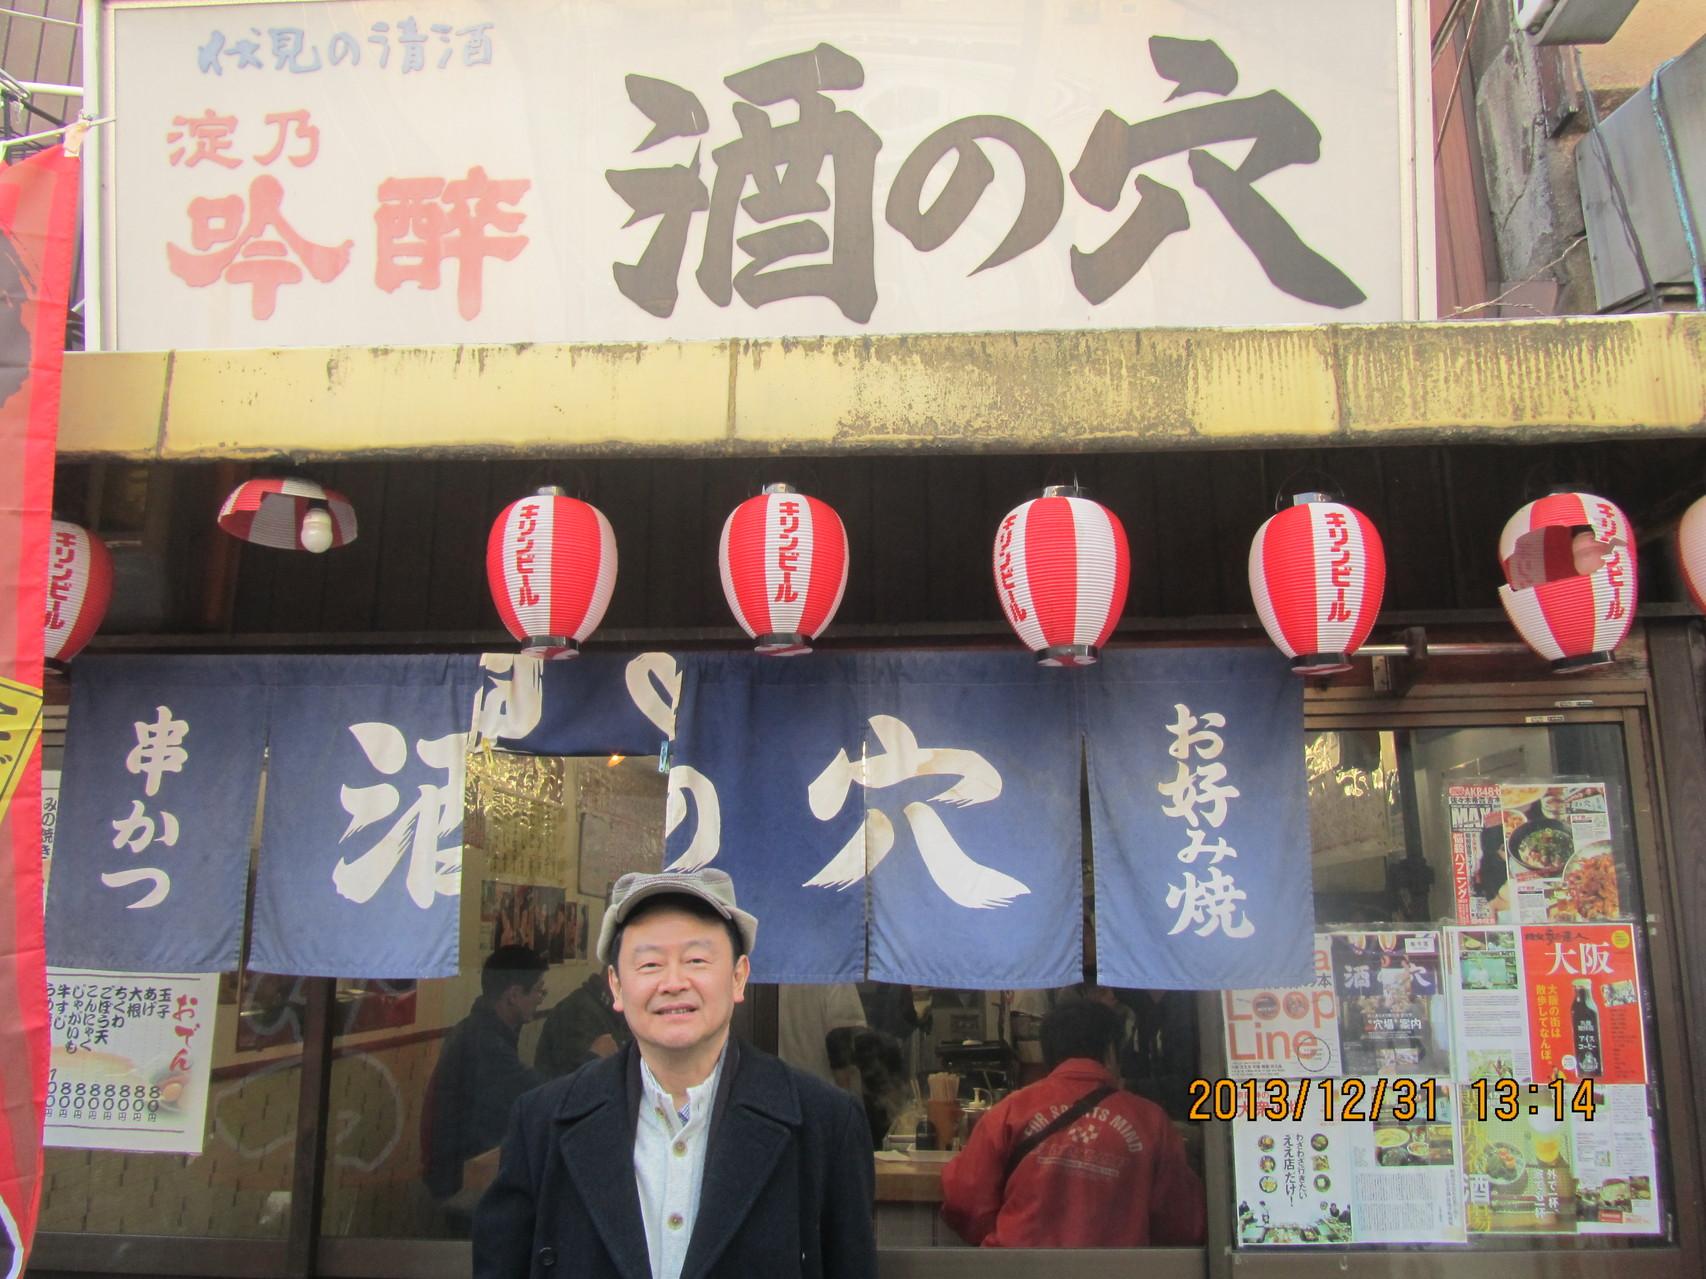 大阪、通天閣近くの串カツ・お好み焼きの店。この界隈は串カツやお好み焼きの店ばかりでした。